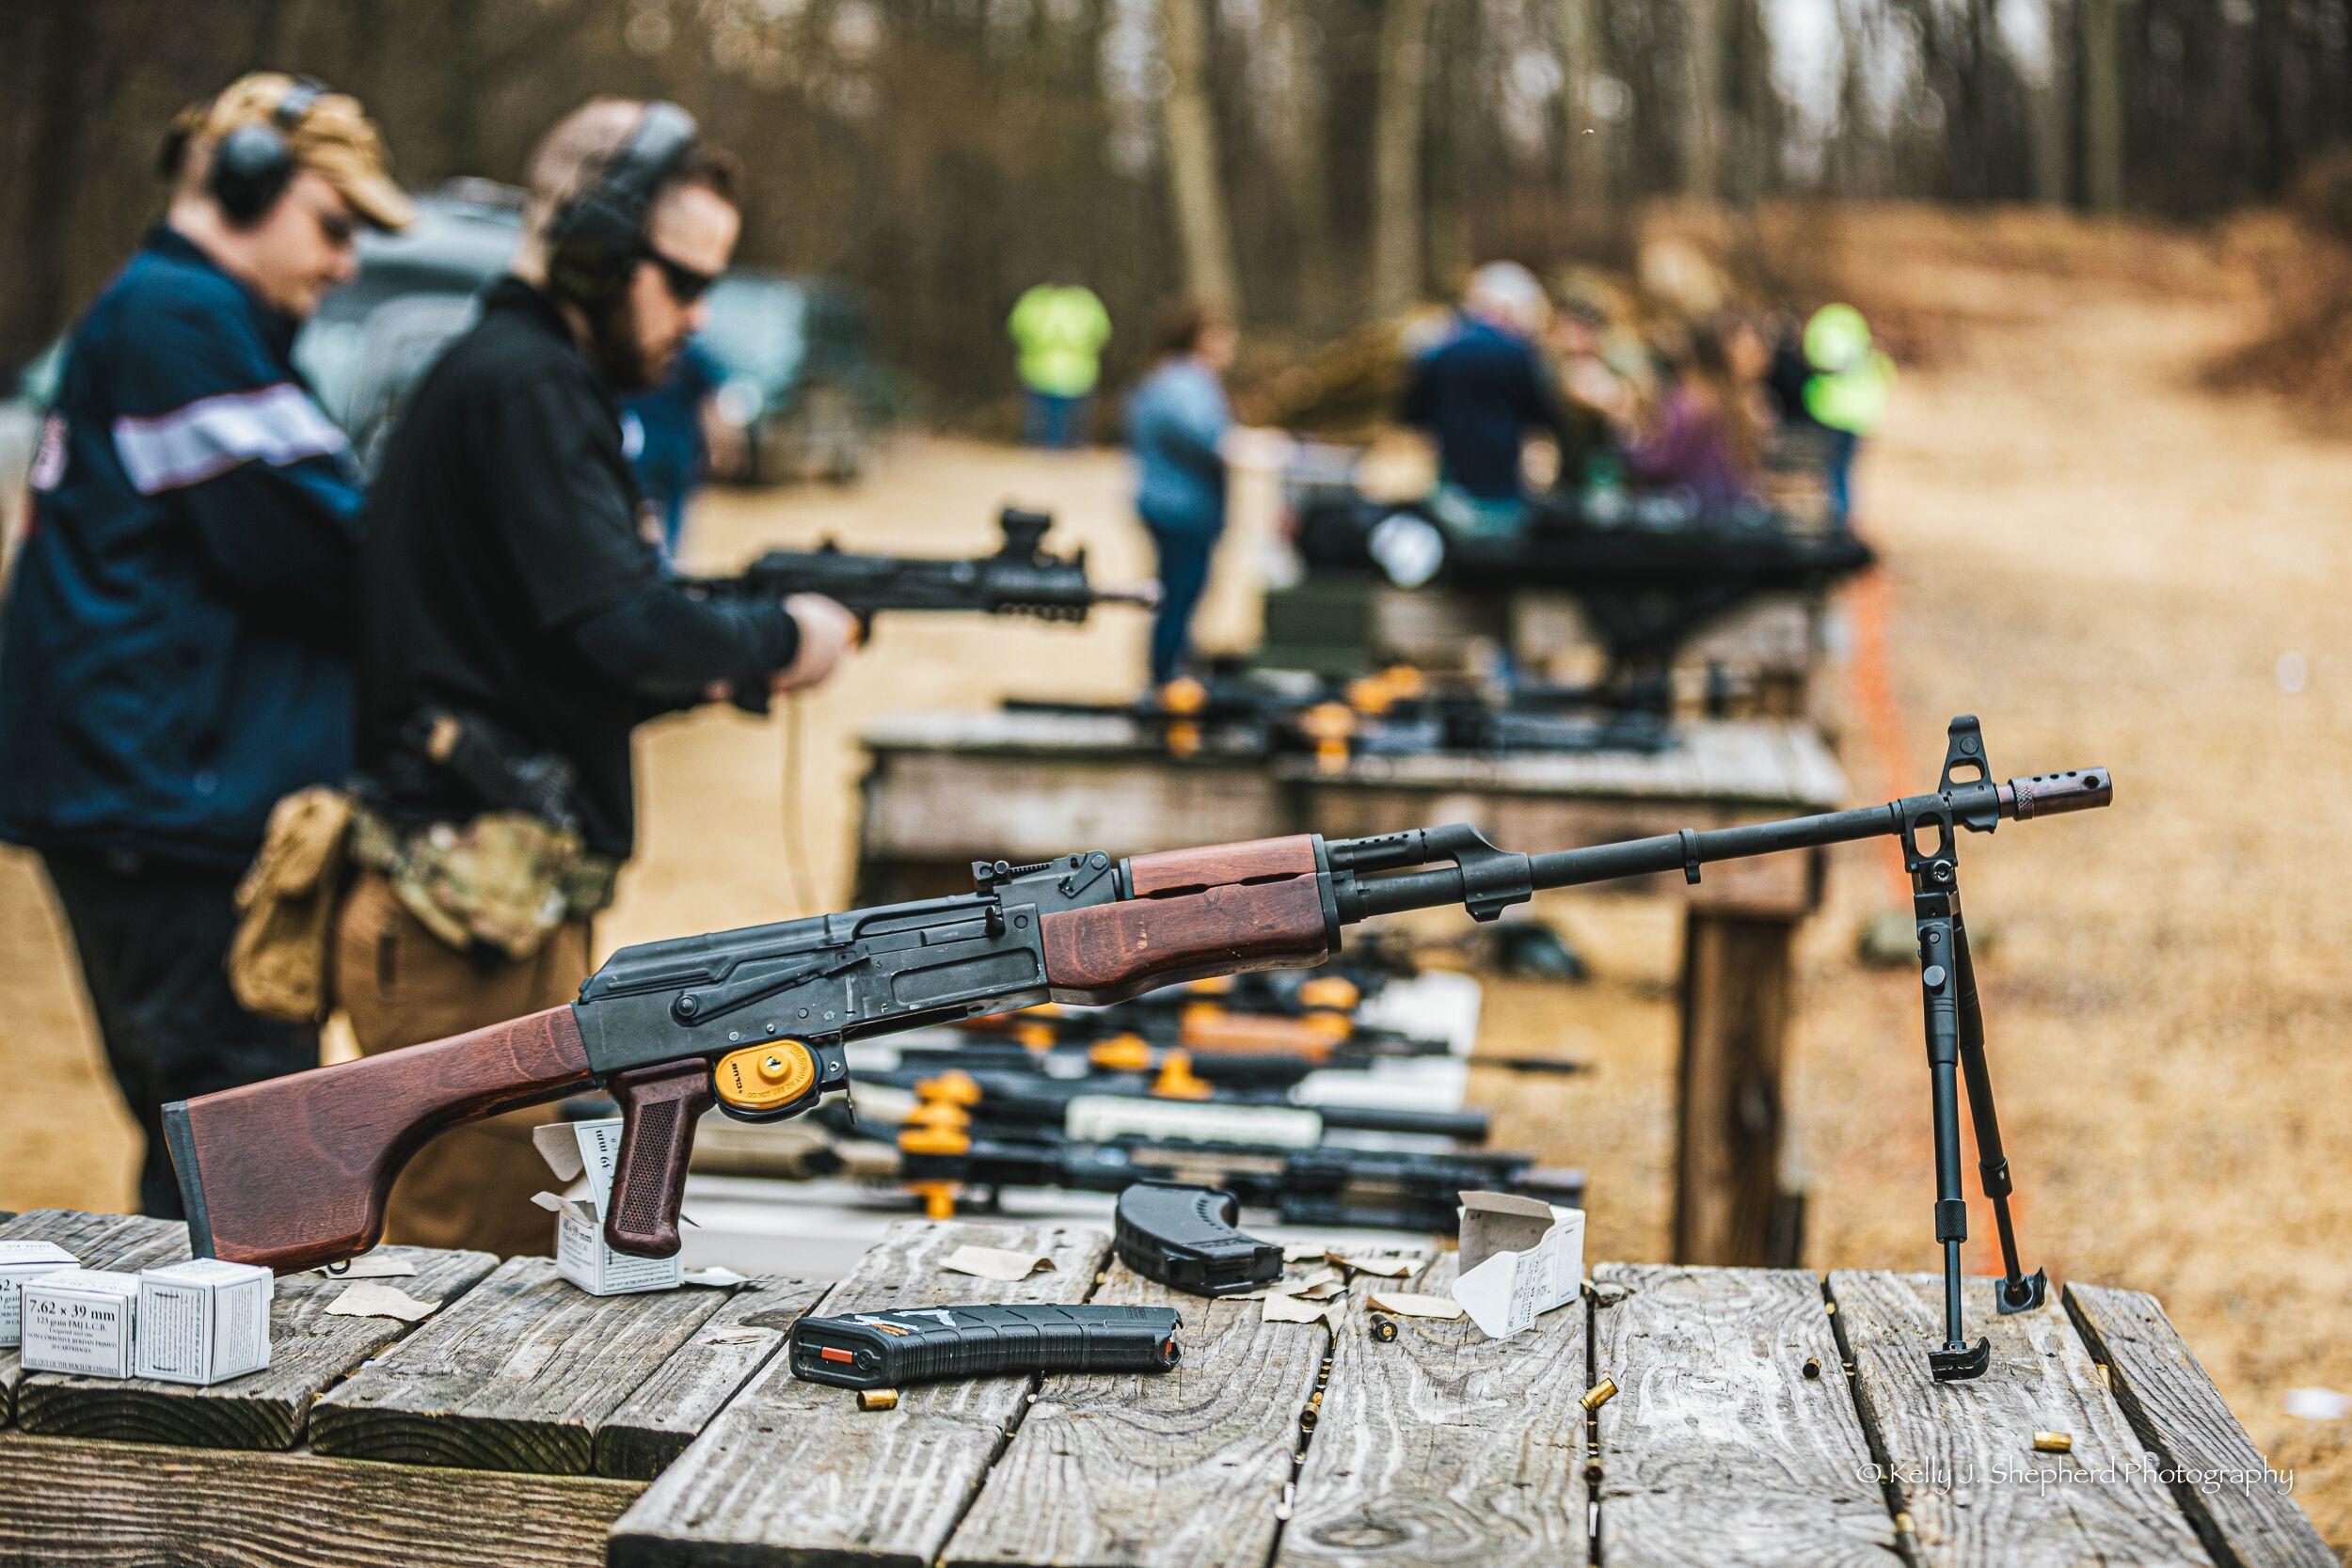 Birthday Machinegun Range Day